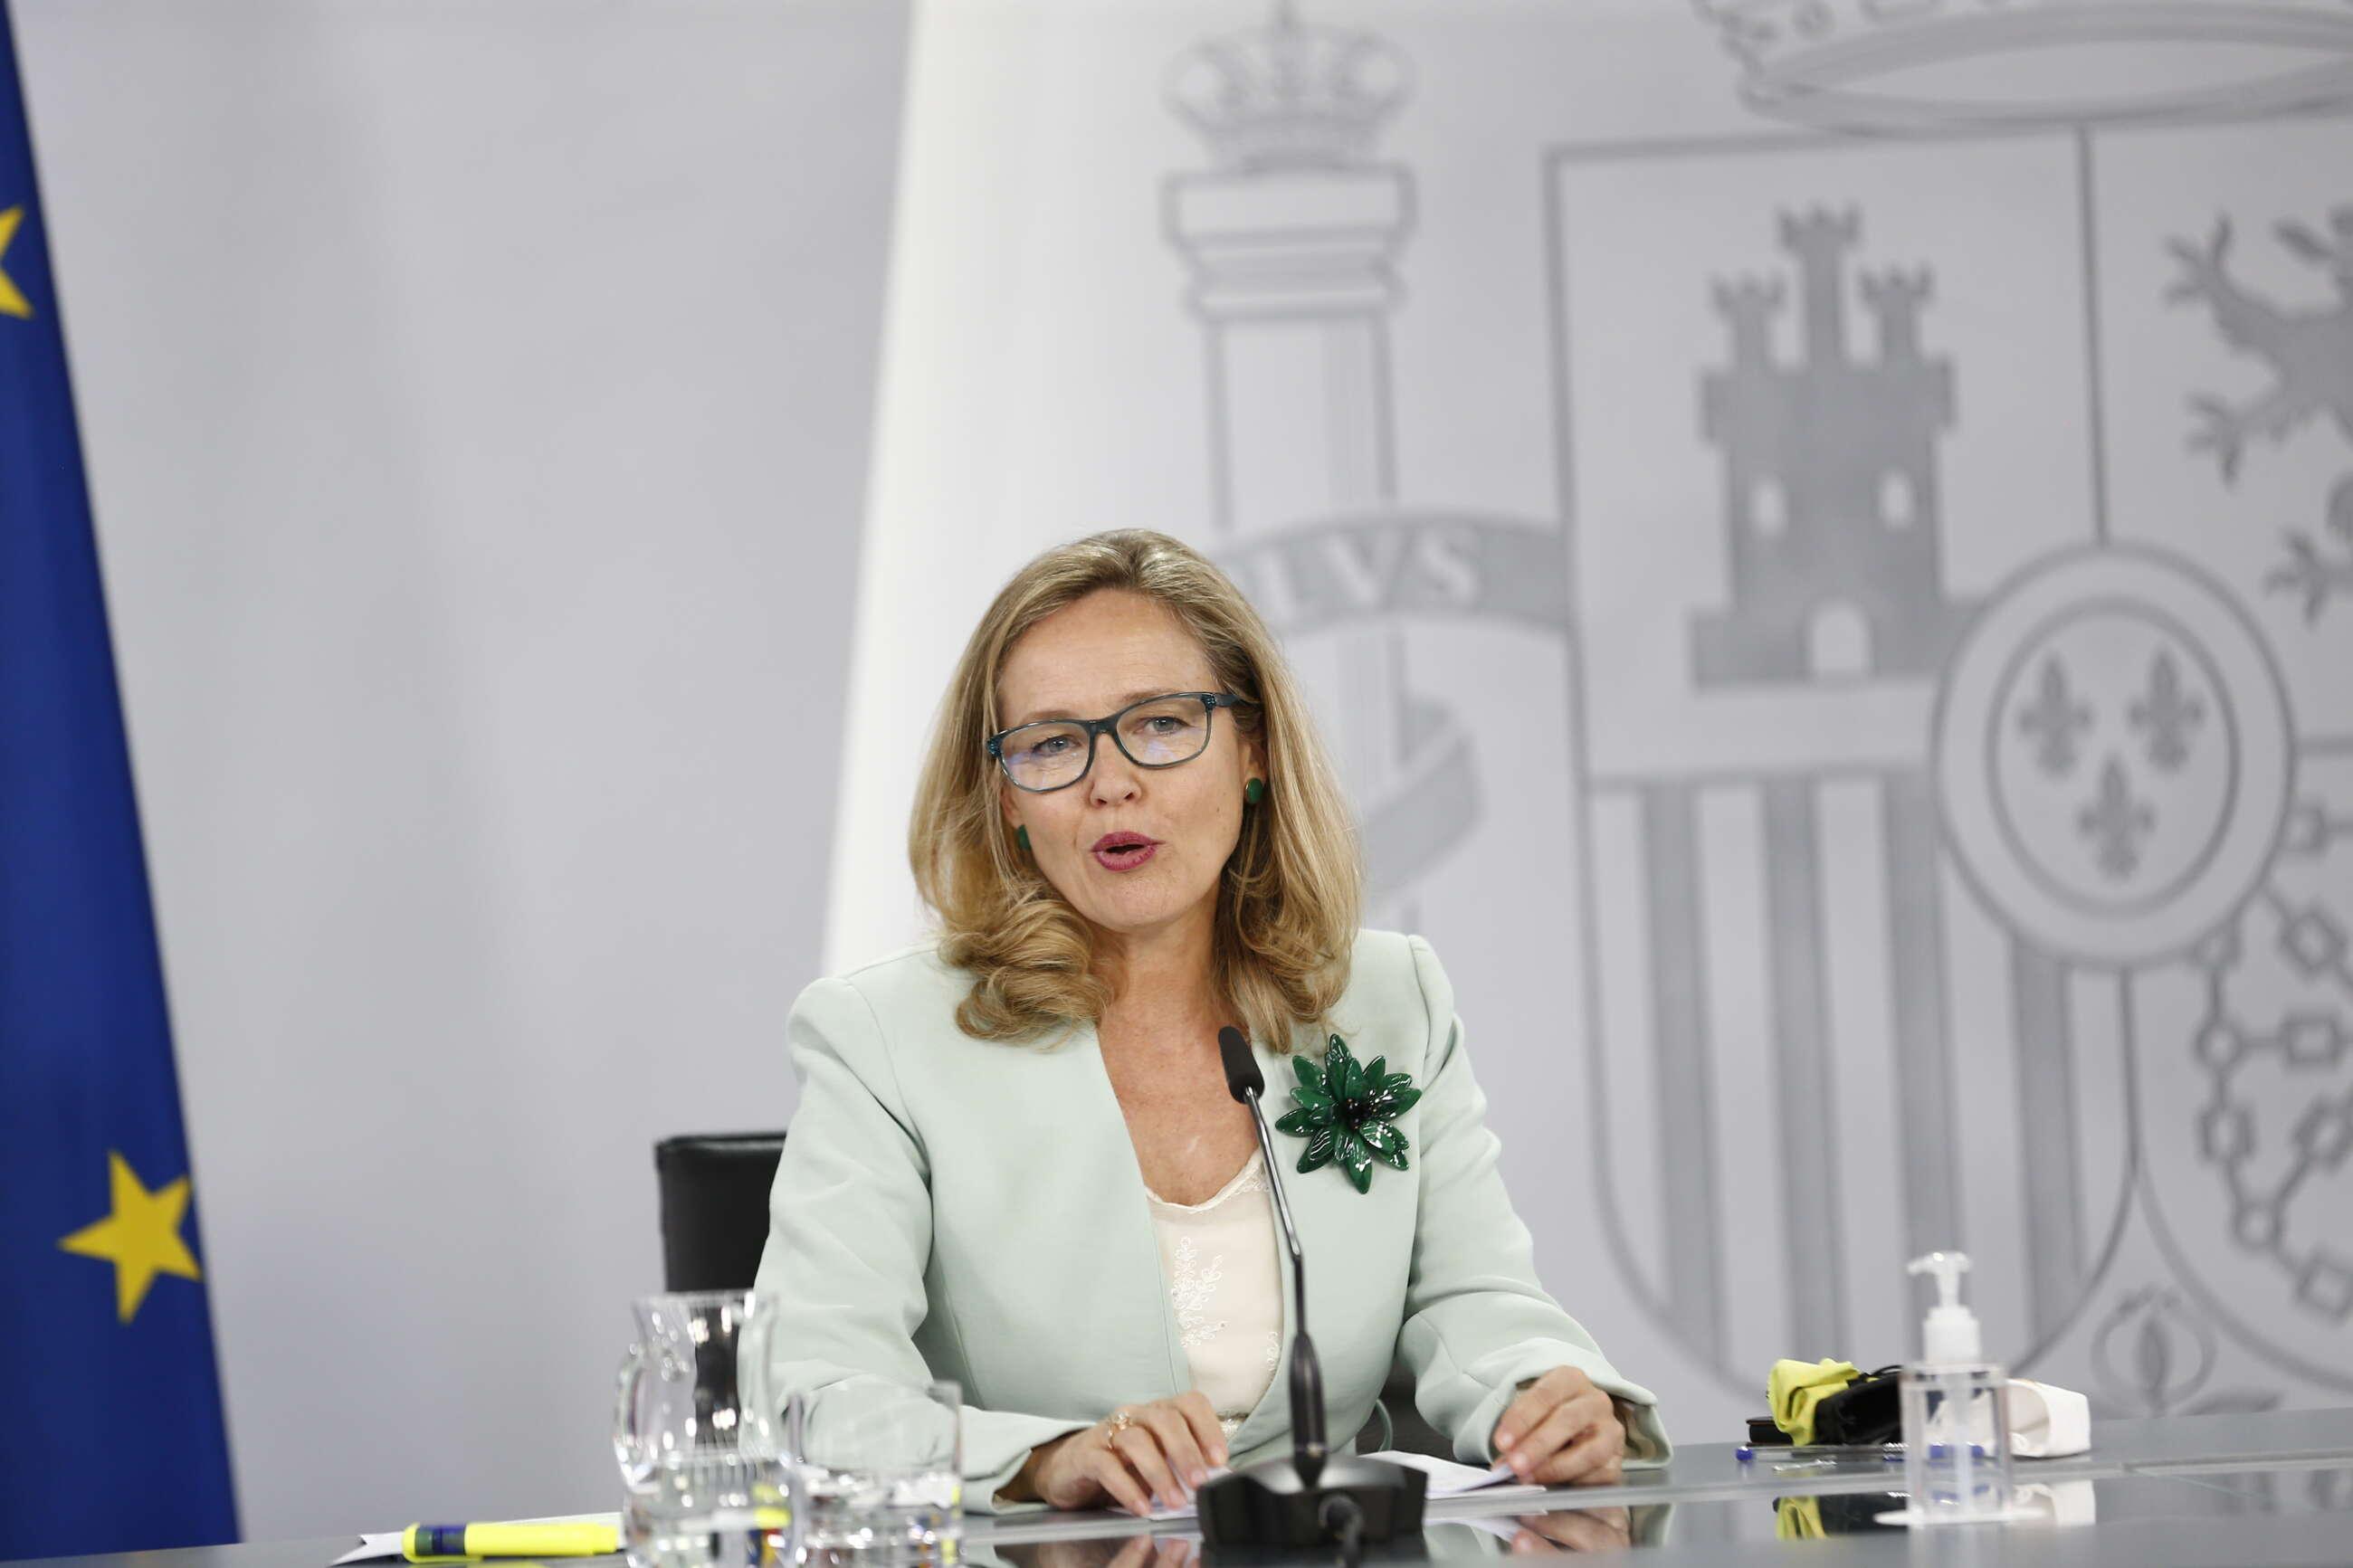 La vicepresidenta primera, Nadia Calviño, comparece en la rueda de prensa posterior al Consejo de Ministros. // Pool Moncloa